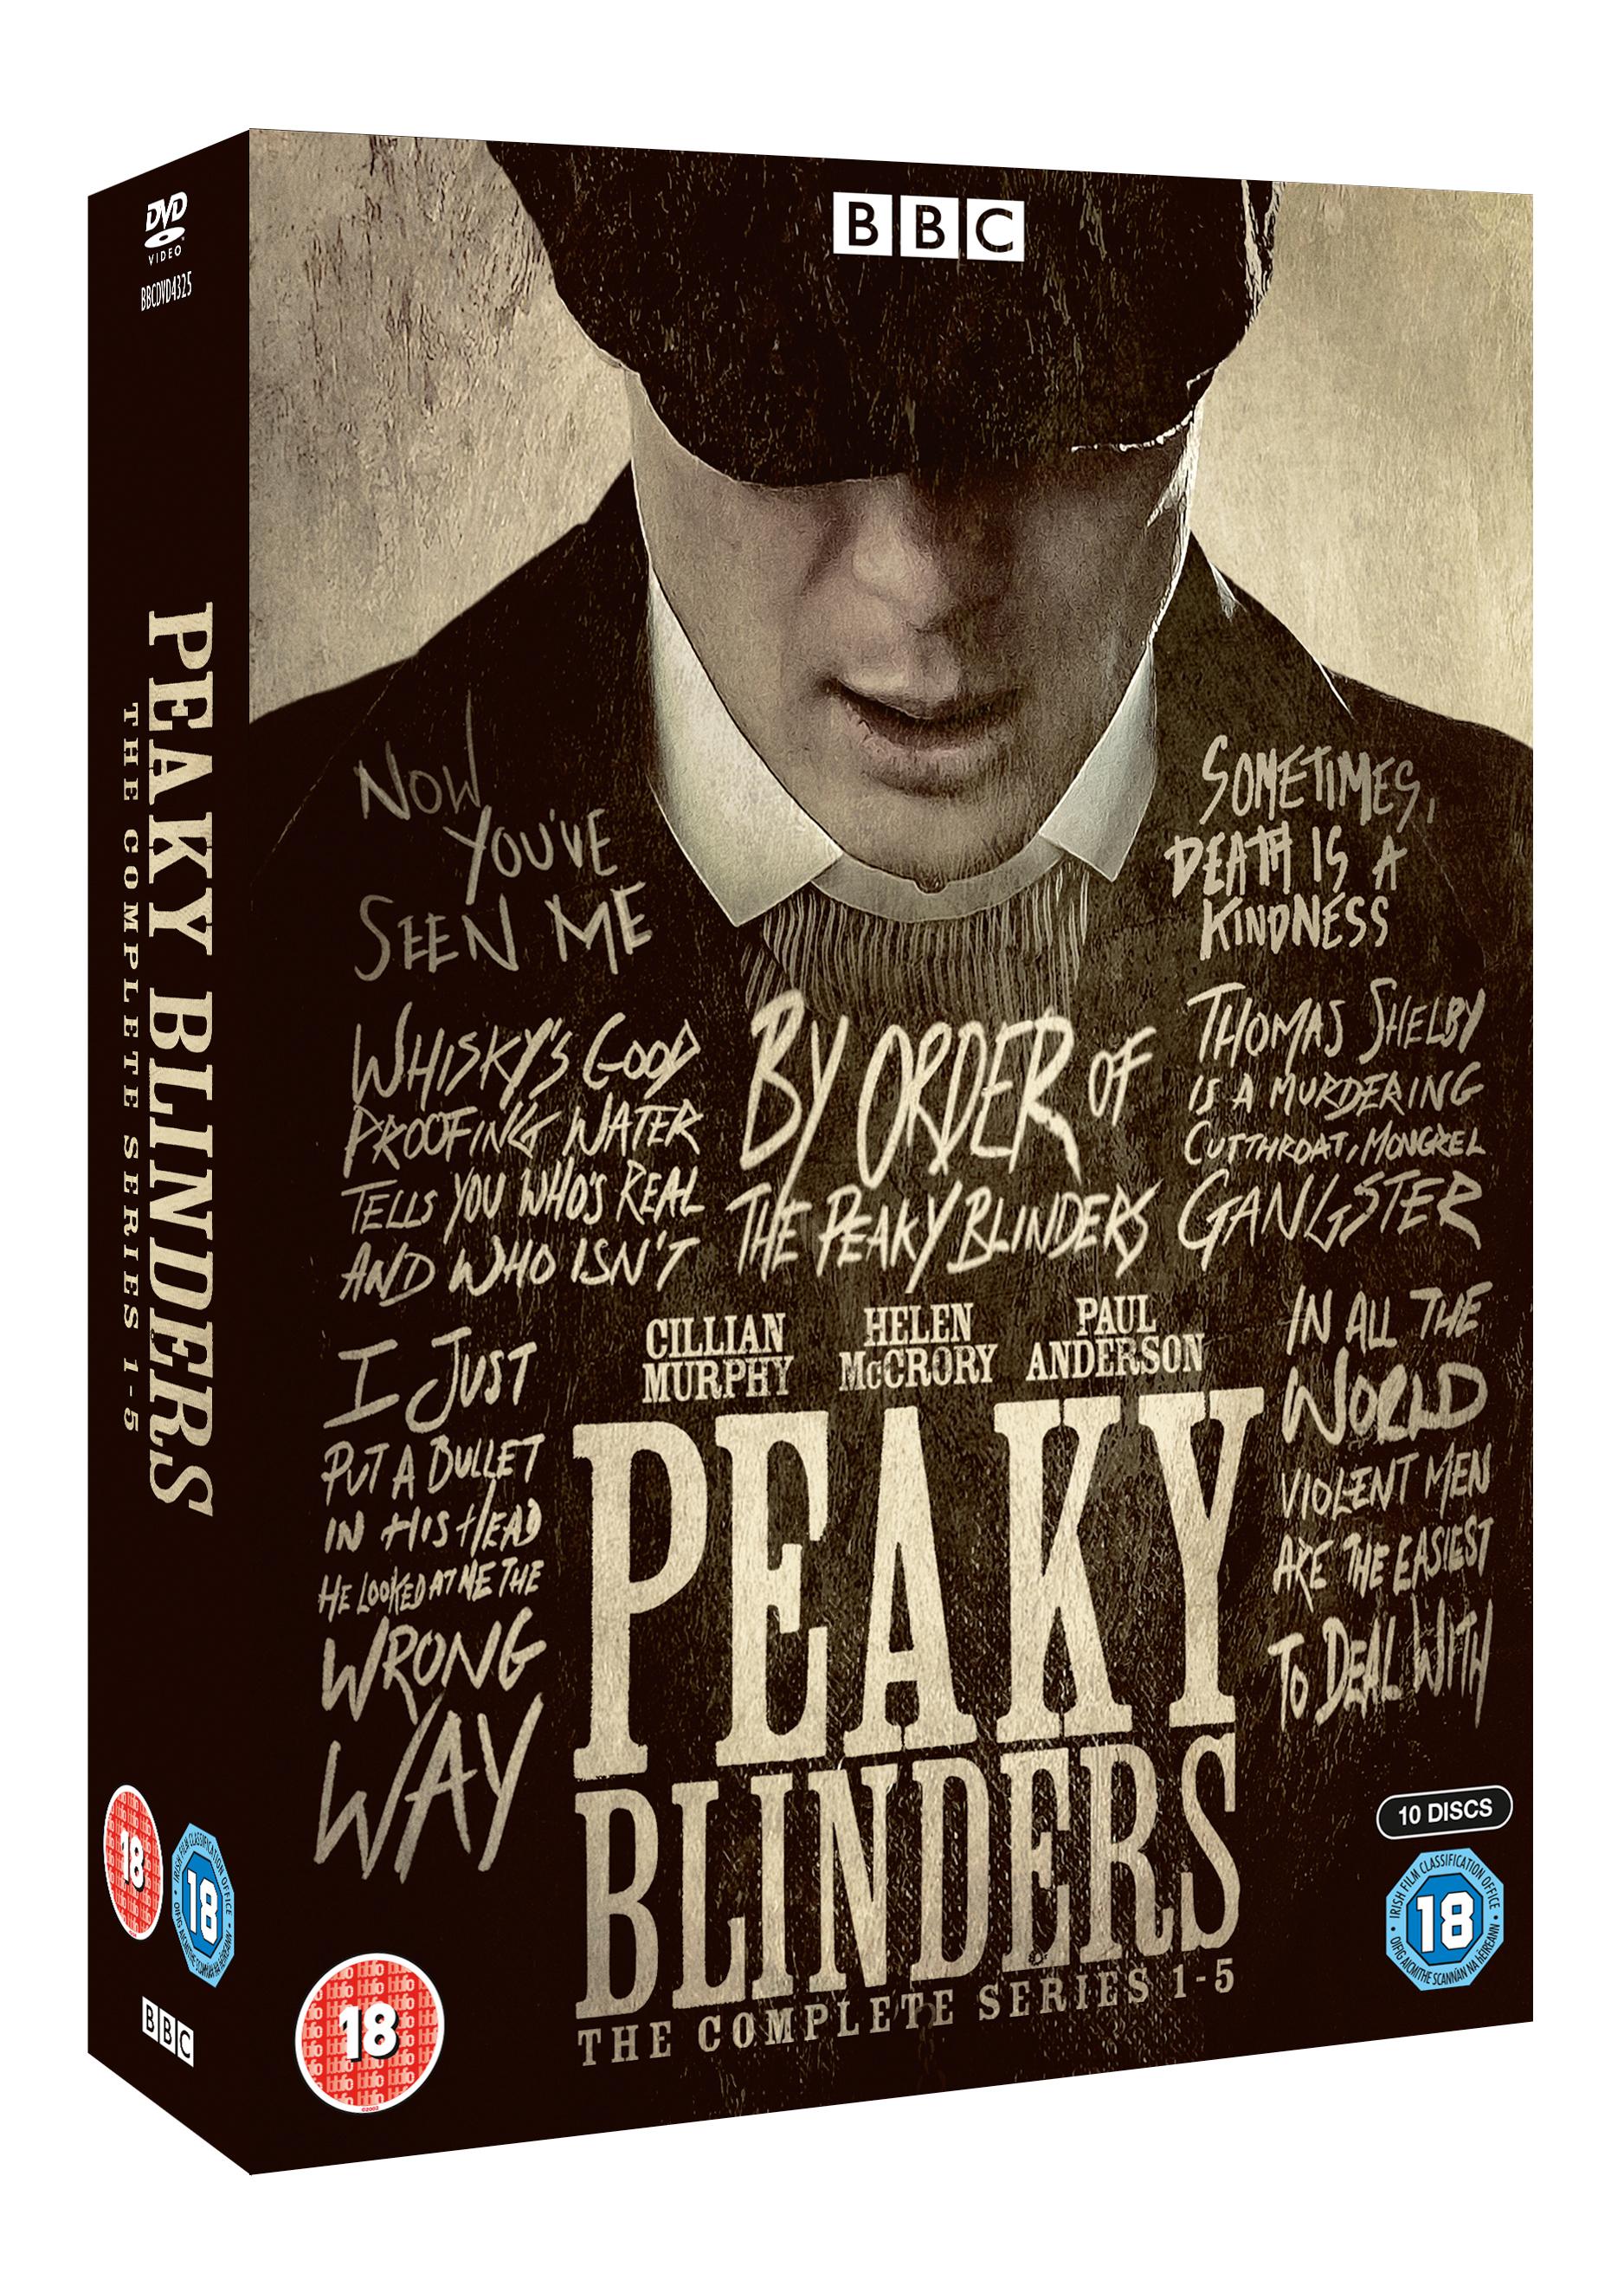 Peaky Blinders: the Complete Series 1-5 - Peaky Blinders - Film - 2ENTE - 5051561043253 - 11/11-2019